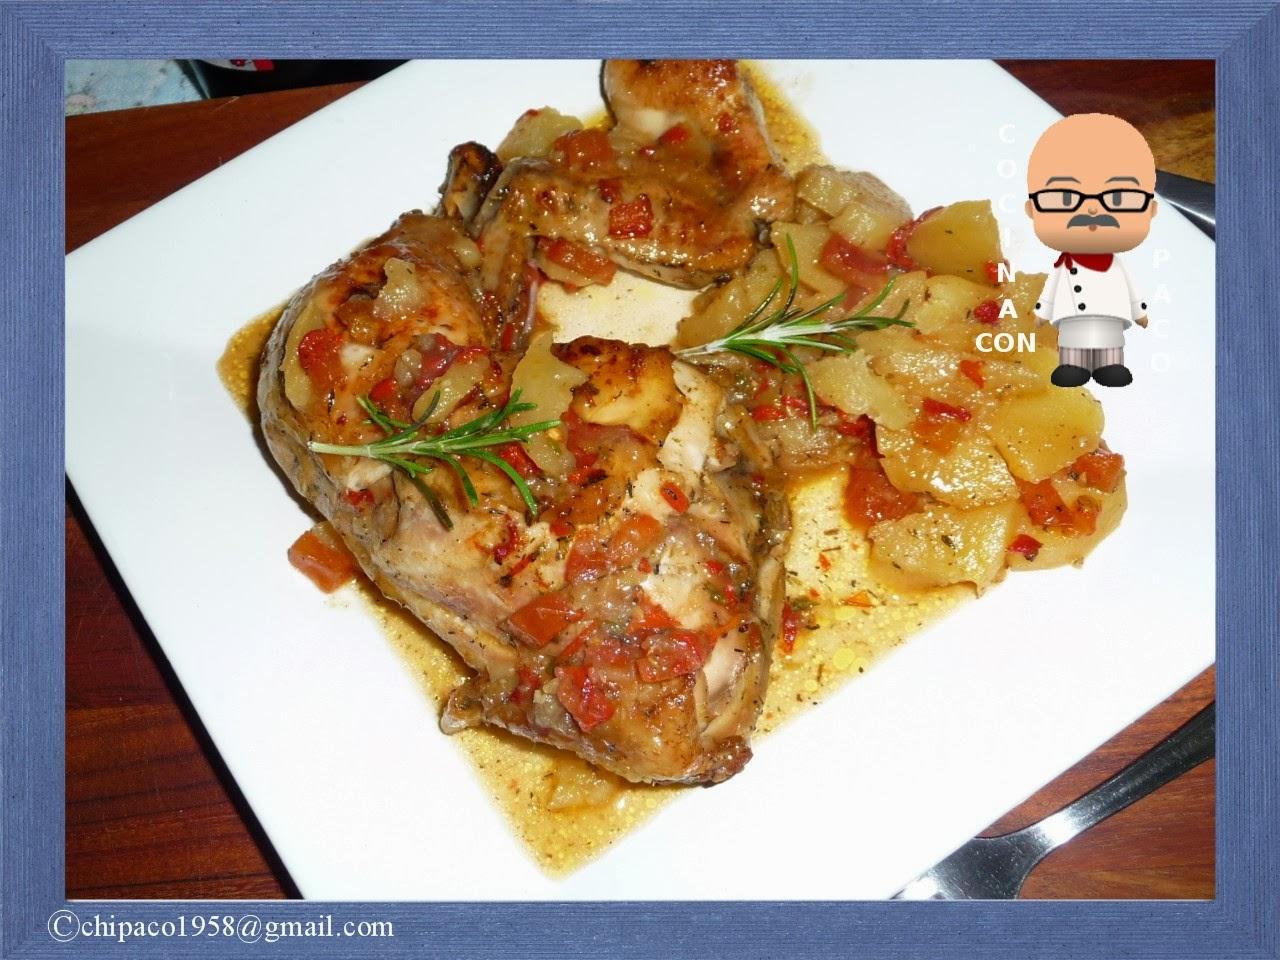 Cocina con Paco: Traseros de pollo asados